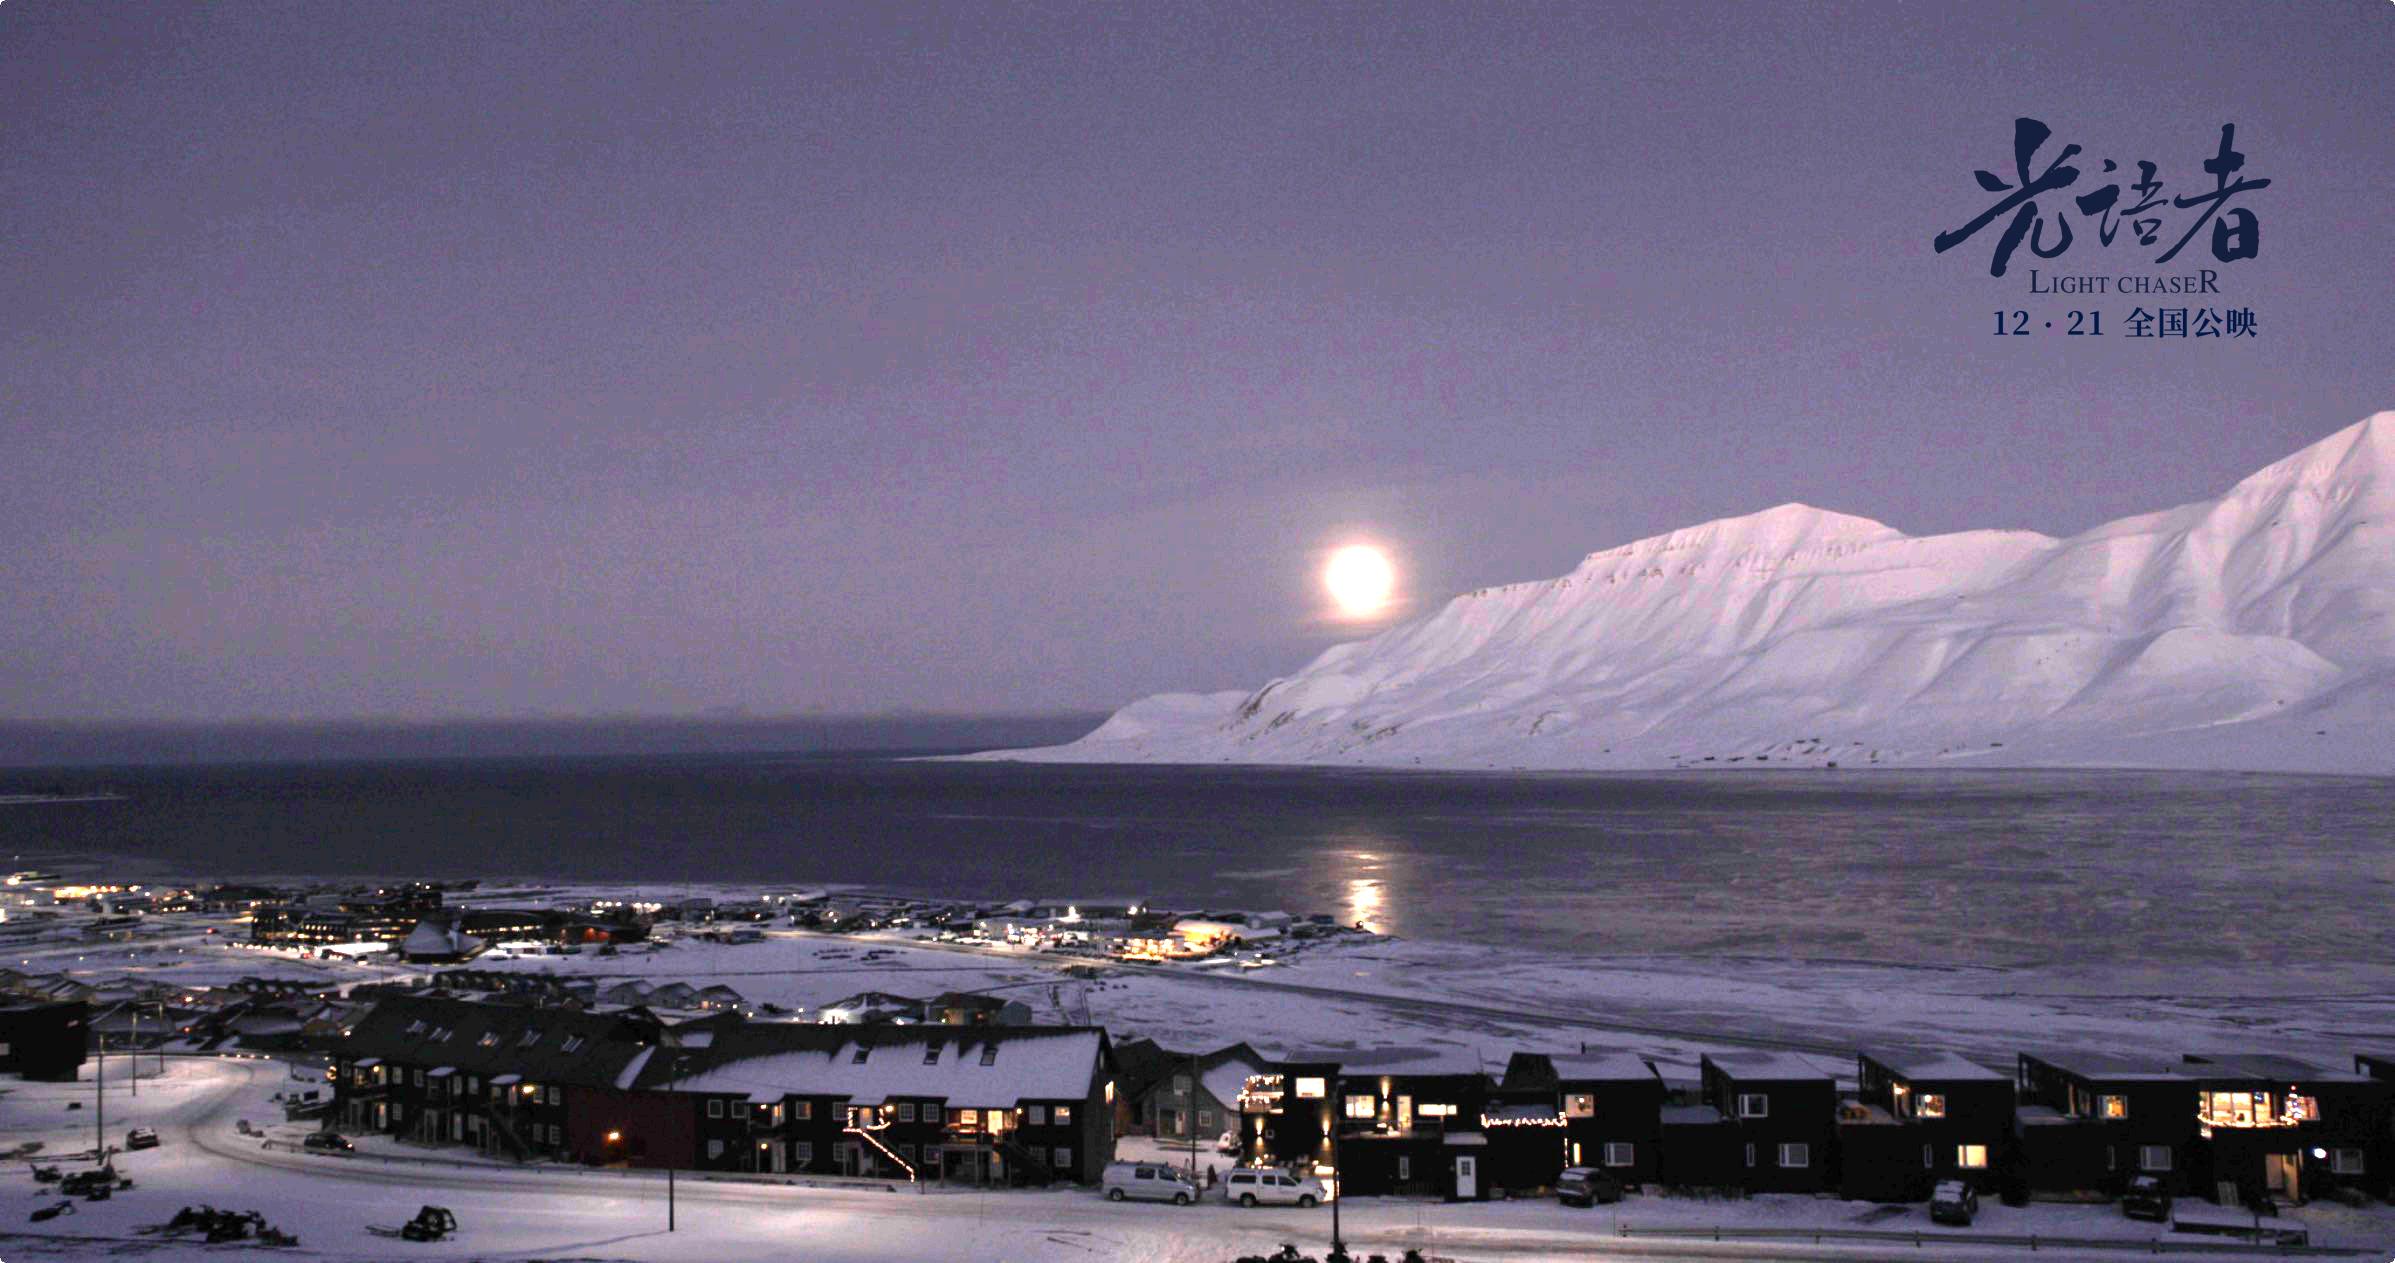 《光语者》在世界上最北端的城市拥抱光与爱